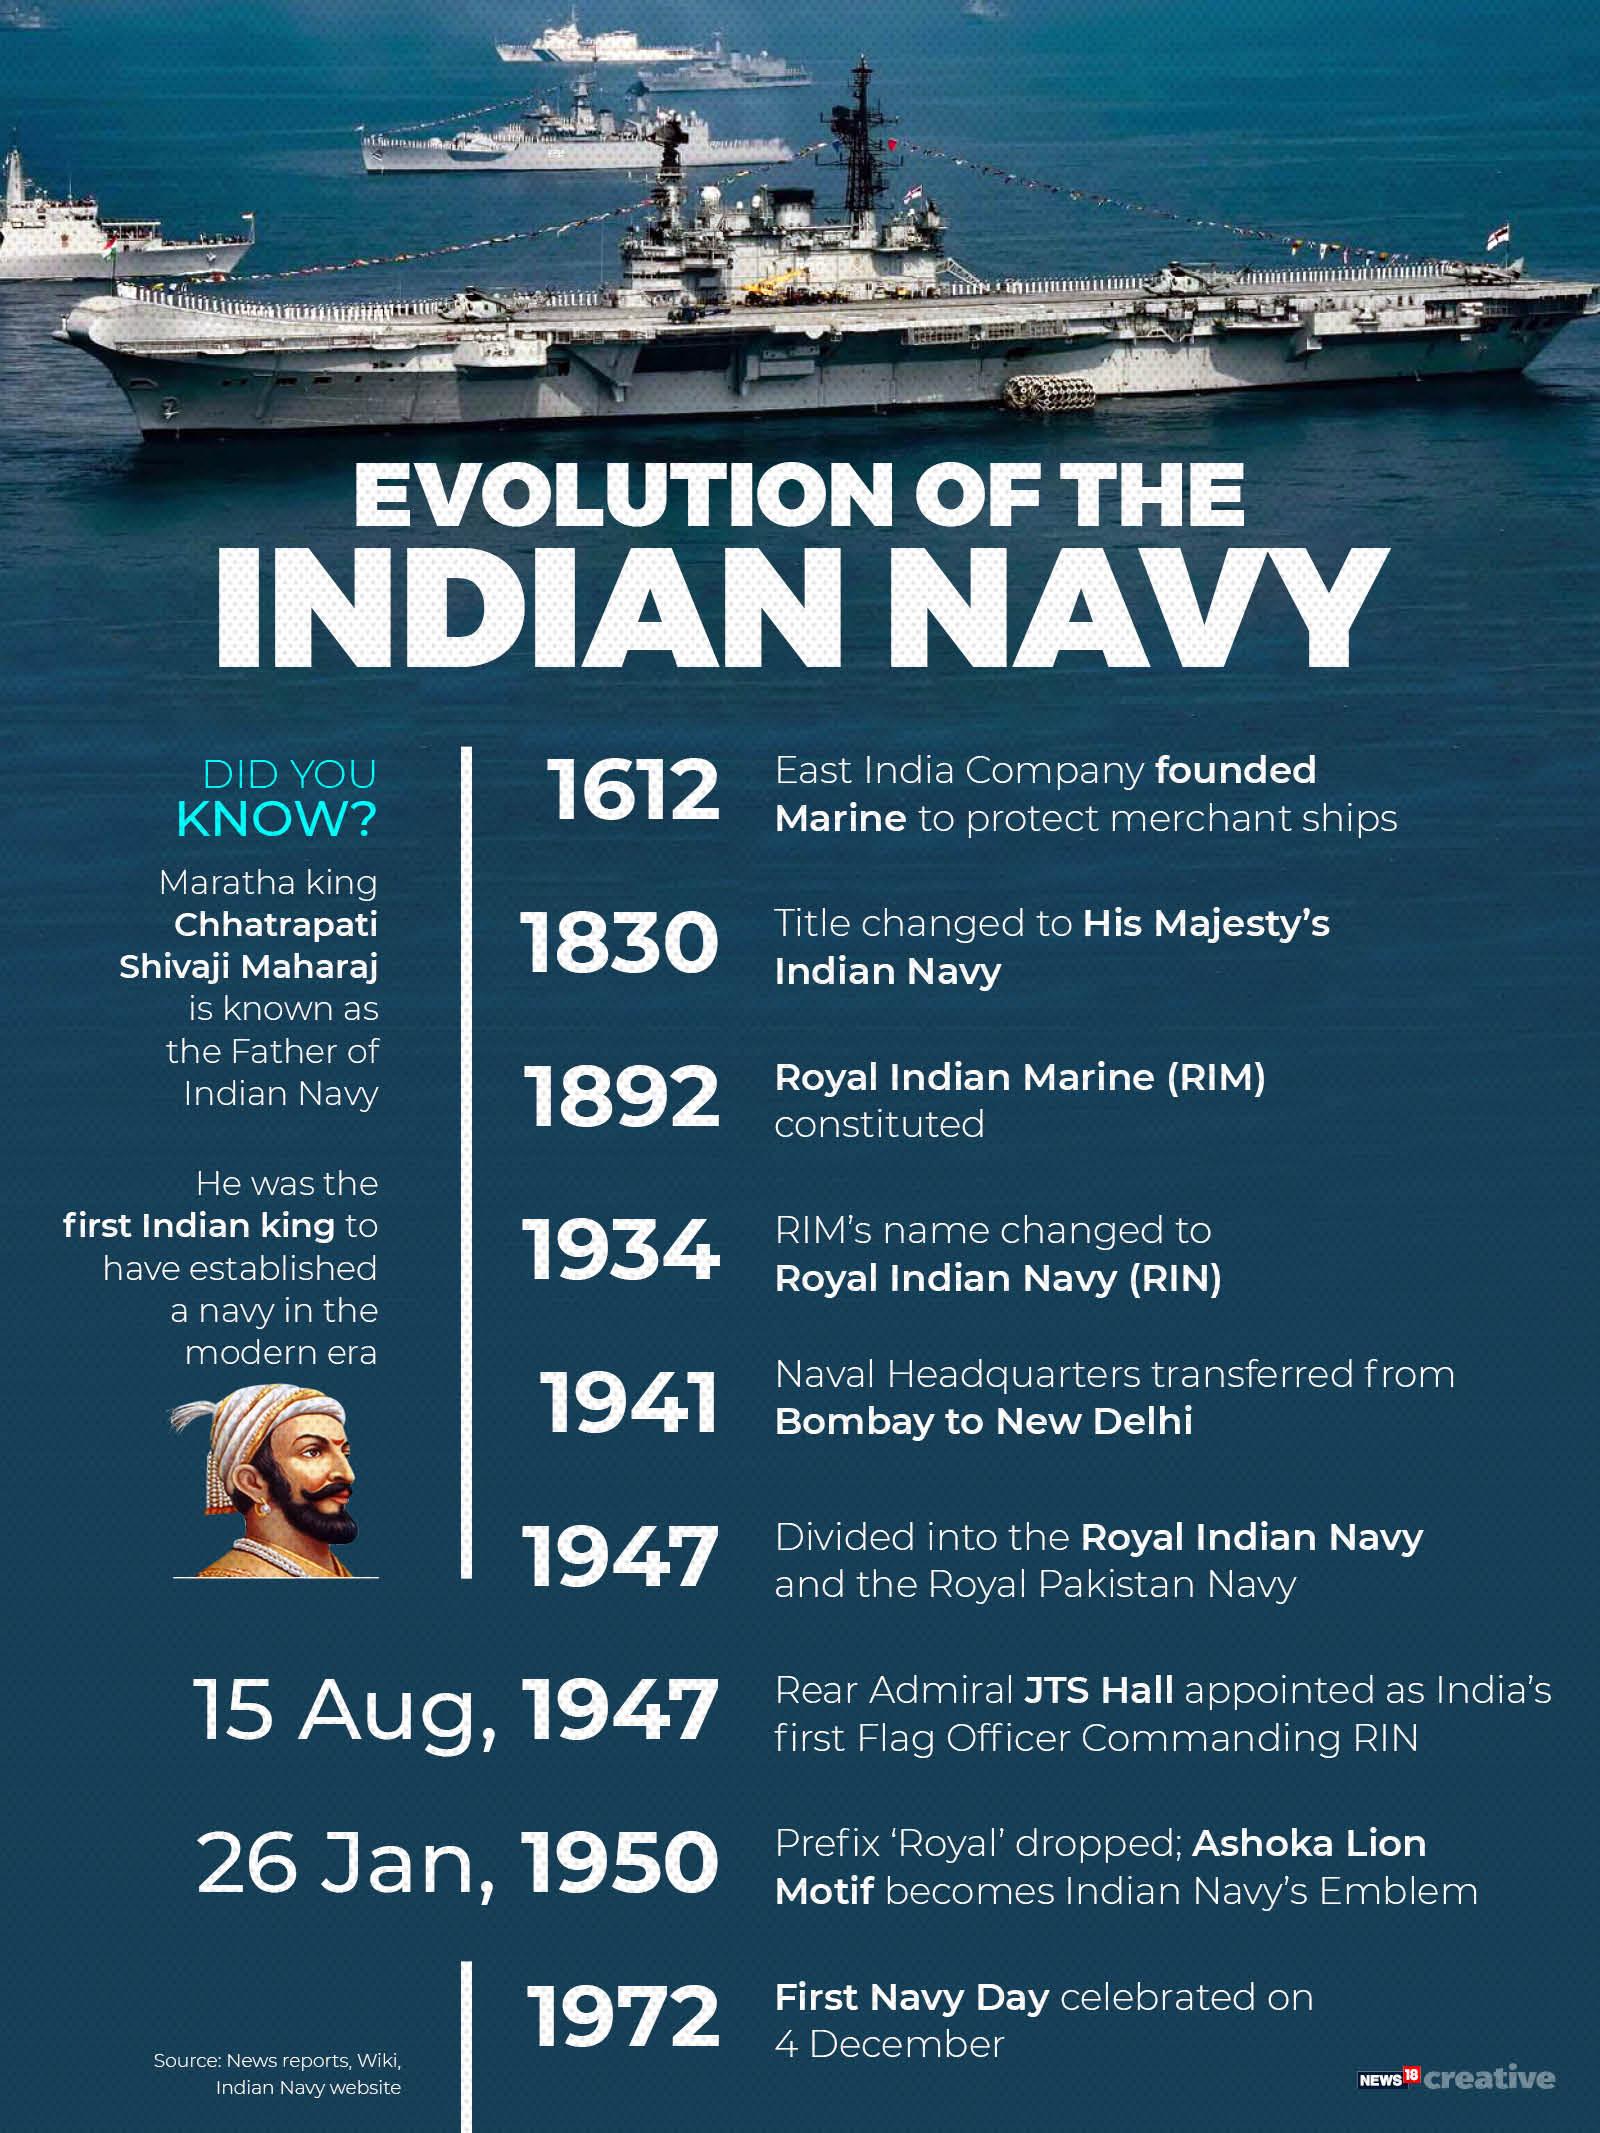 Evolution of the Indian navy_Timeline